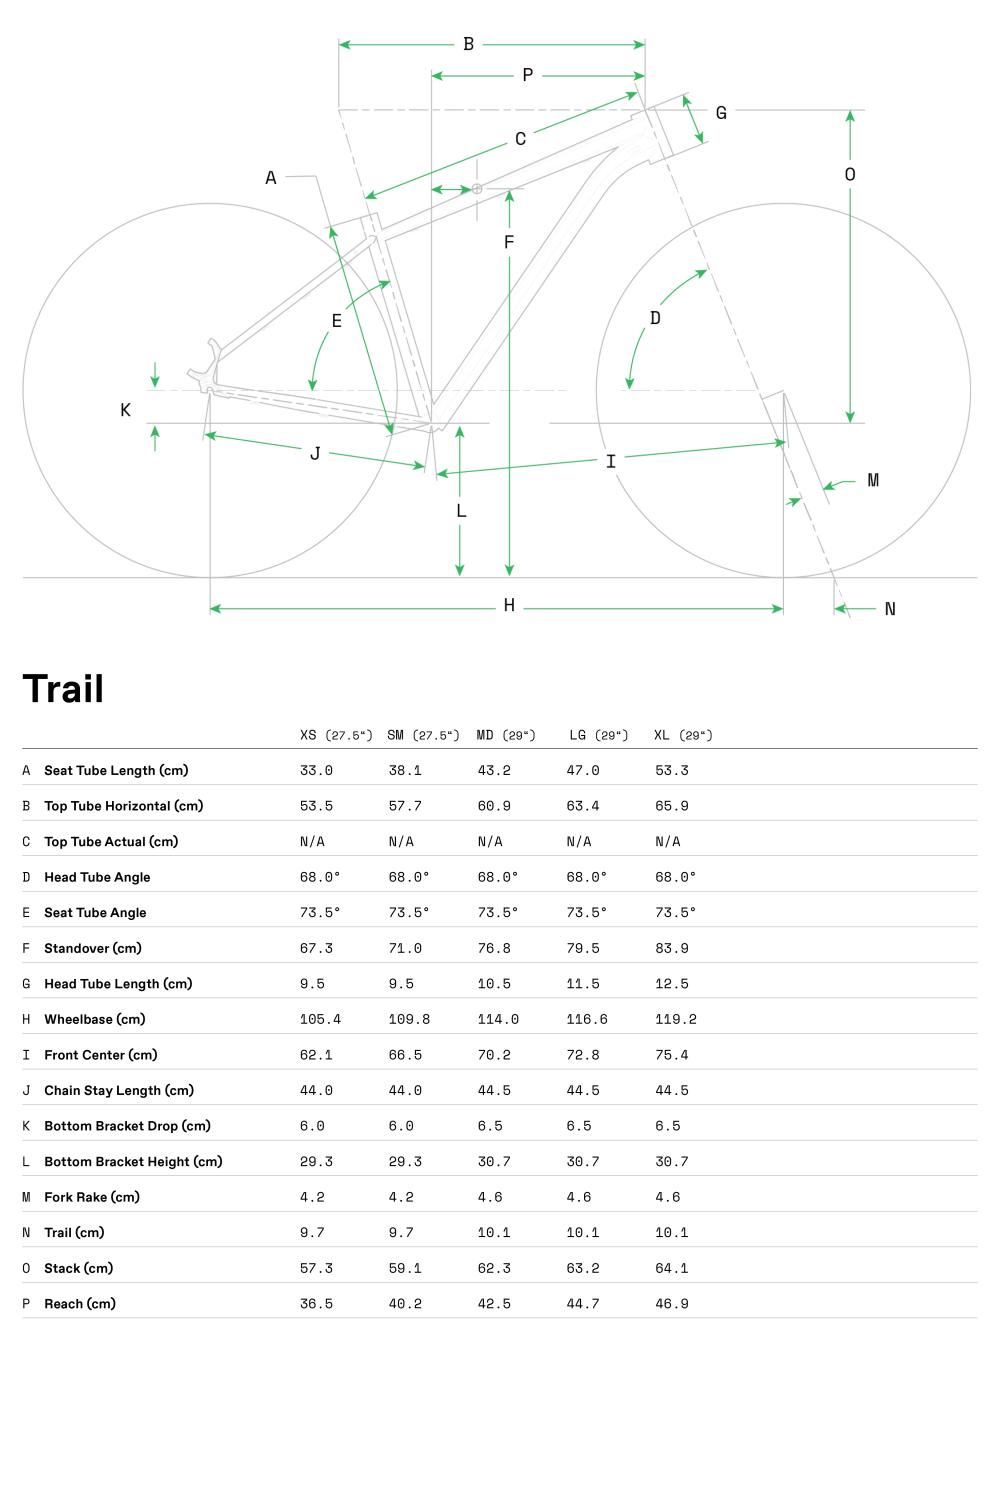 Geometria roweru Cannondale Trail